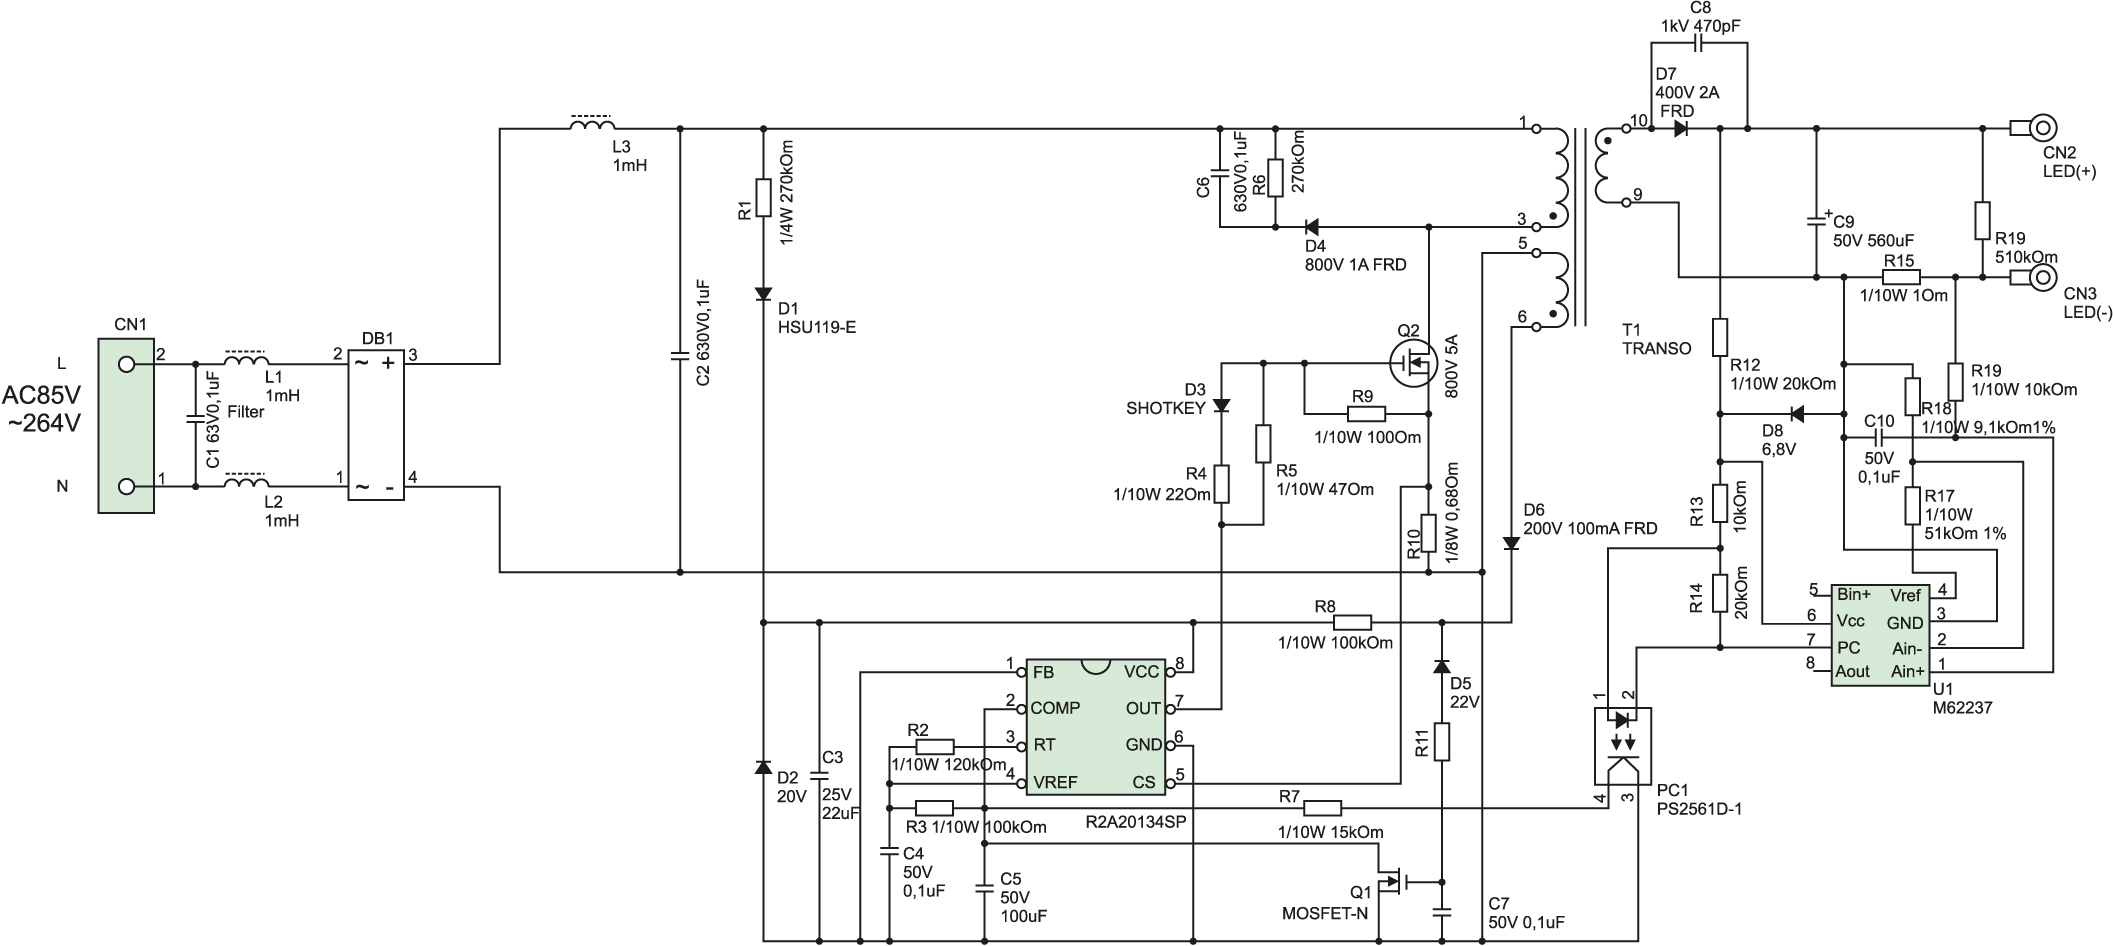 Схема электрическая принципиальная R2A20134EVB-INW